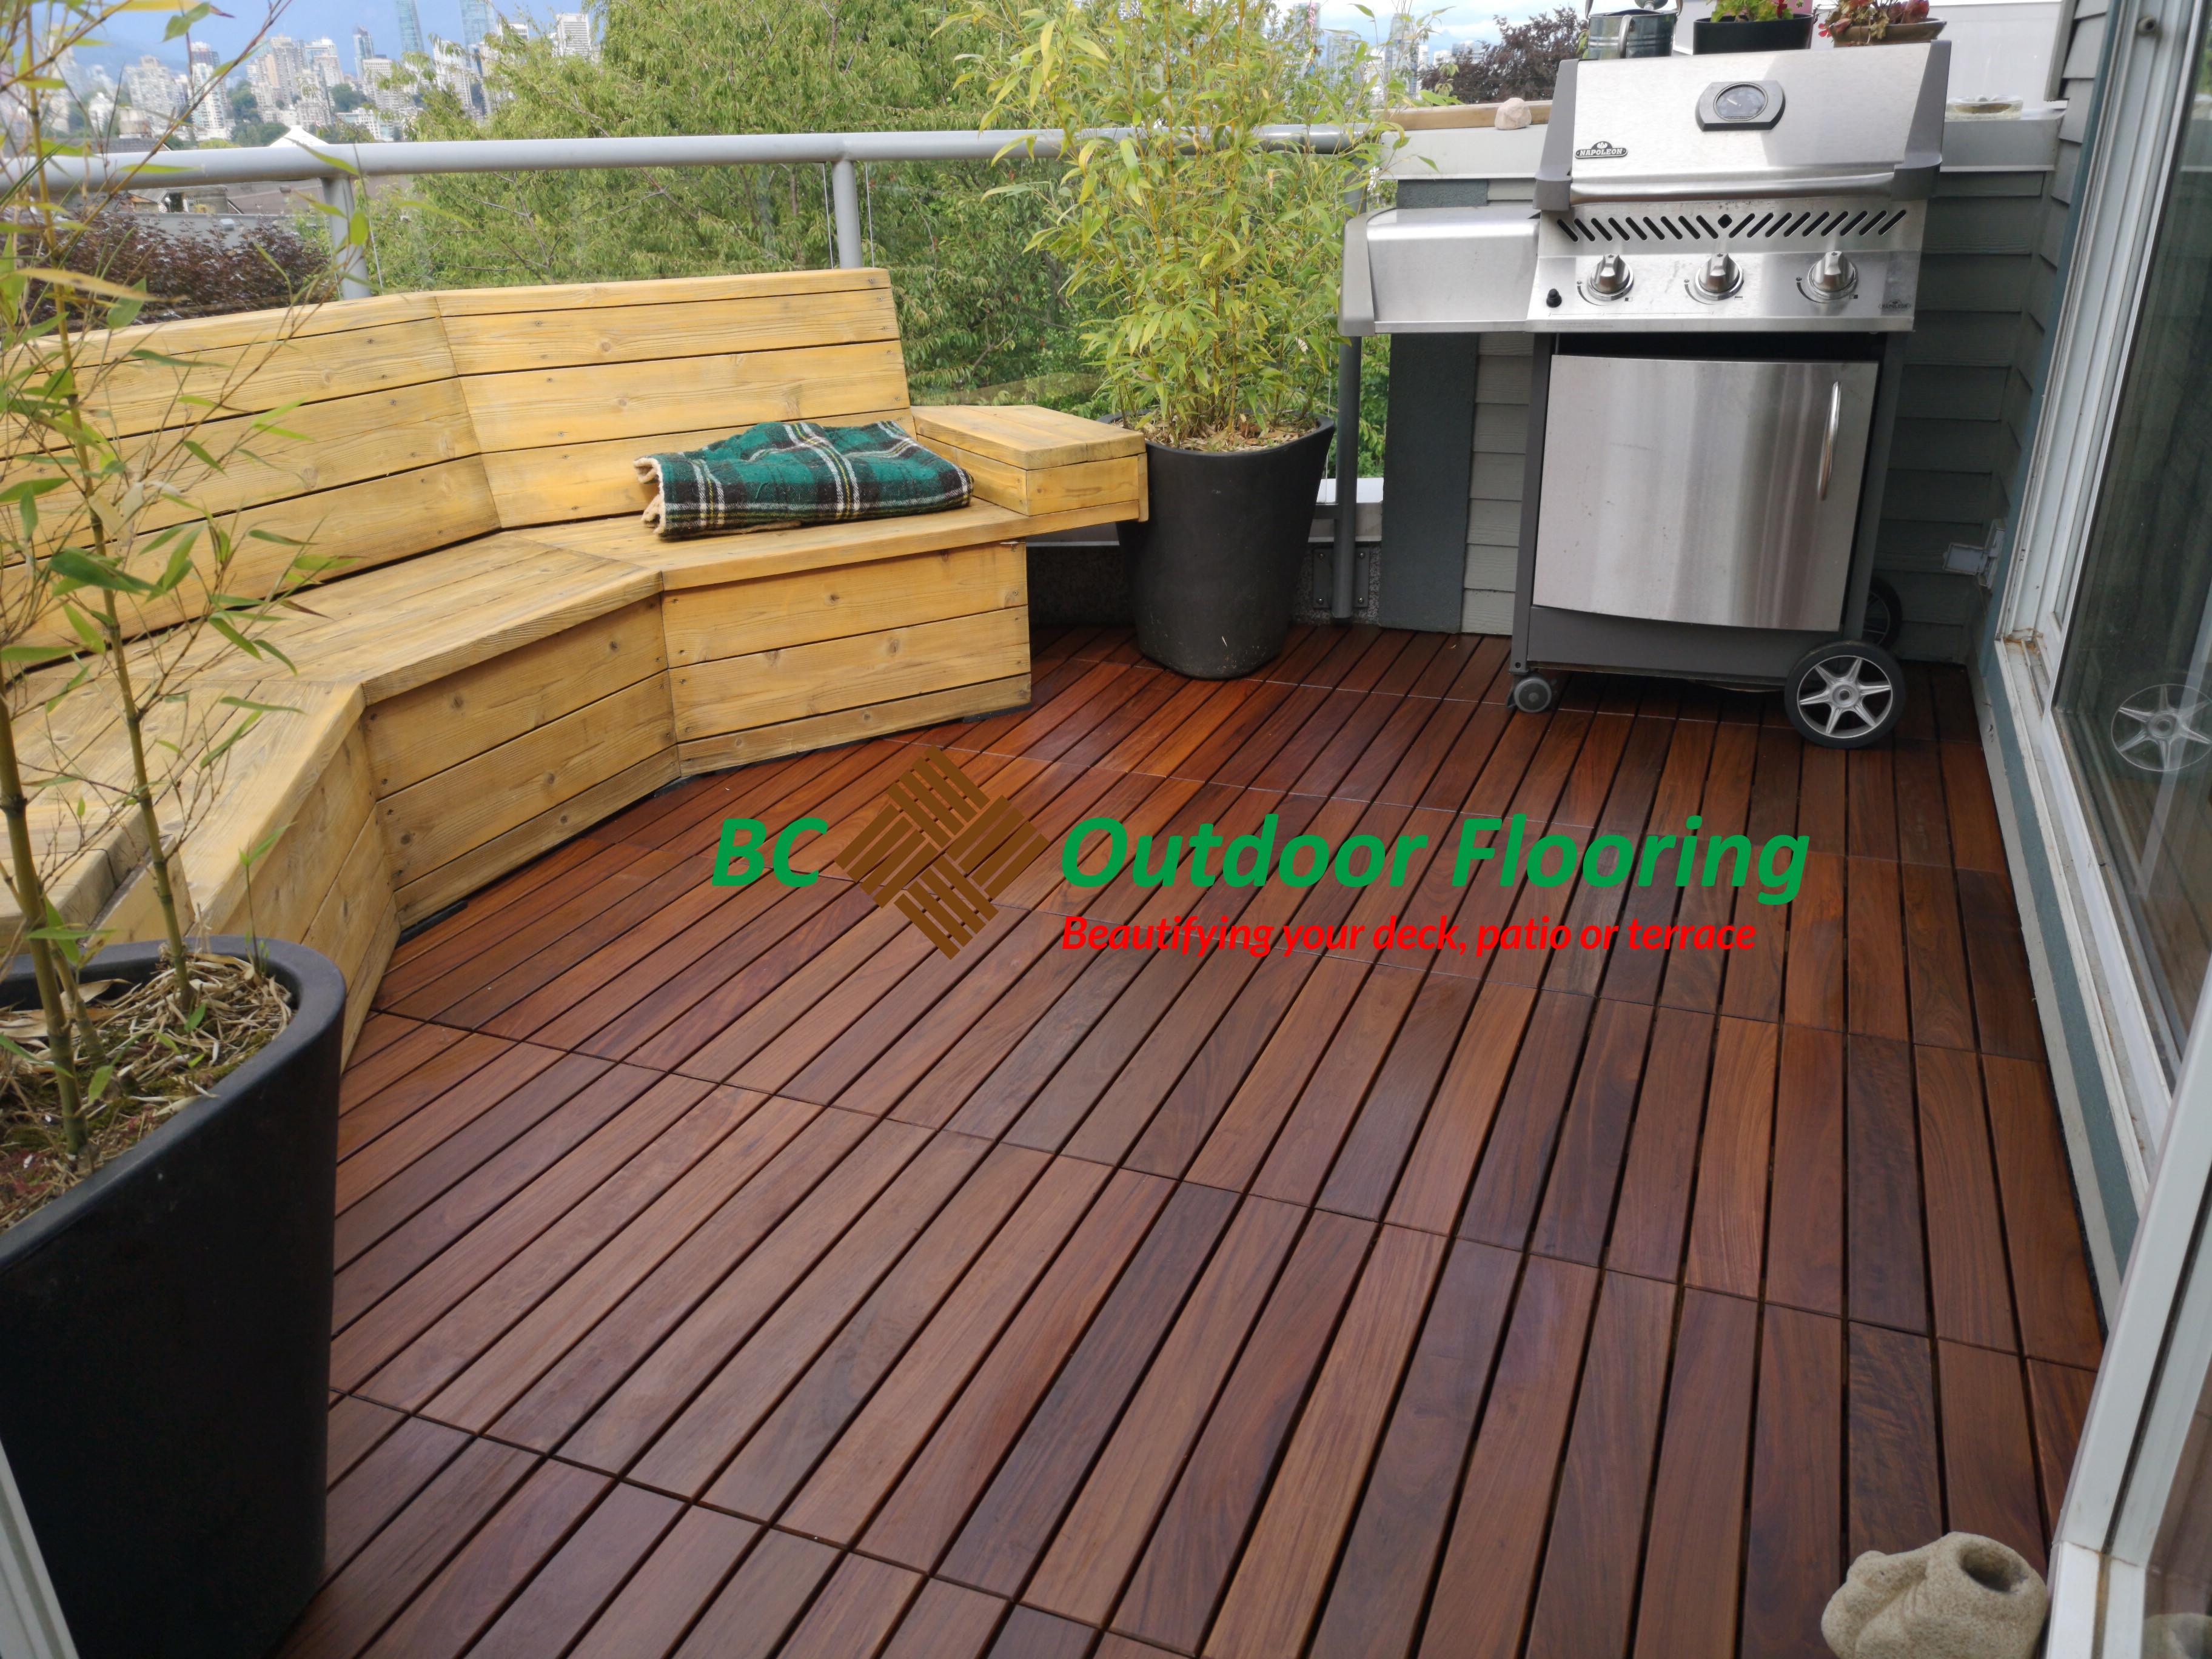 bc-outdoor-flooring-structural-ipe-ipe-wood-deck-tiles